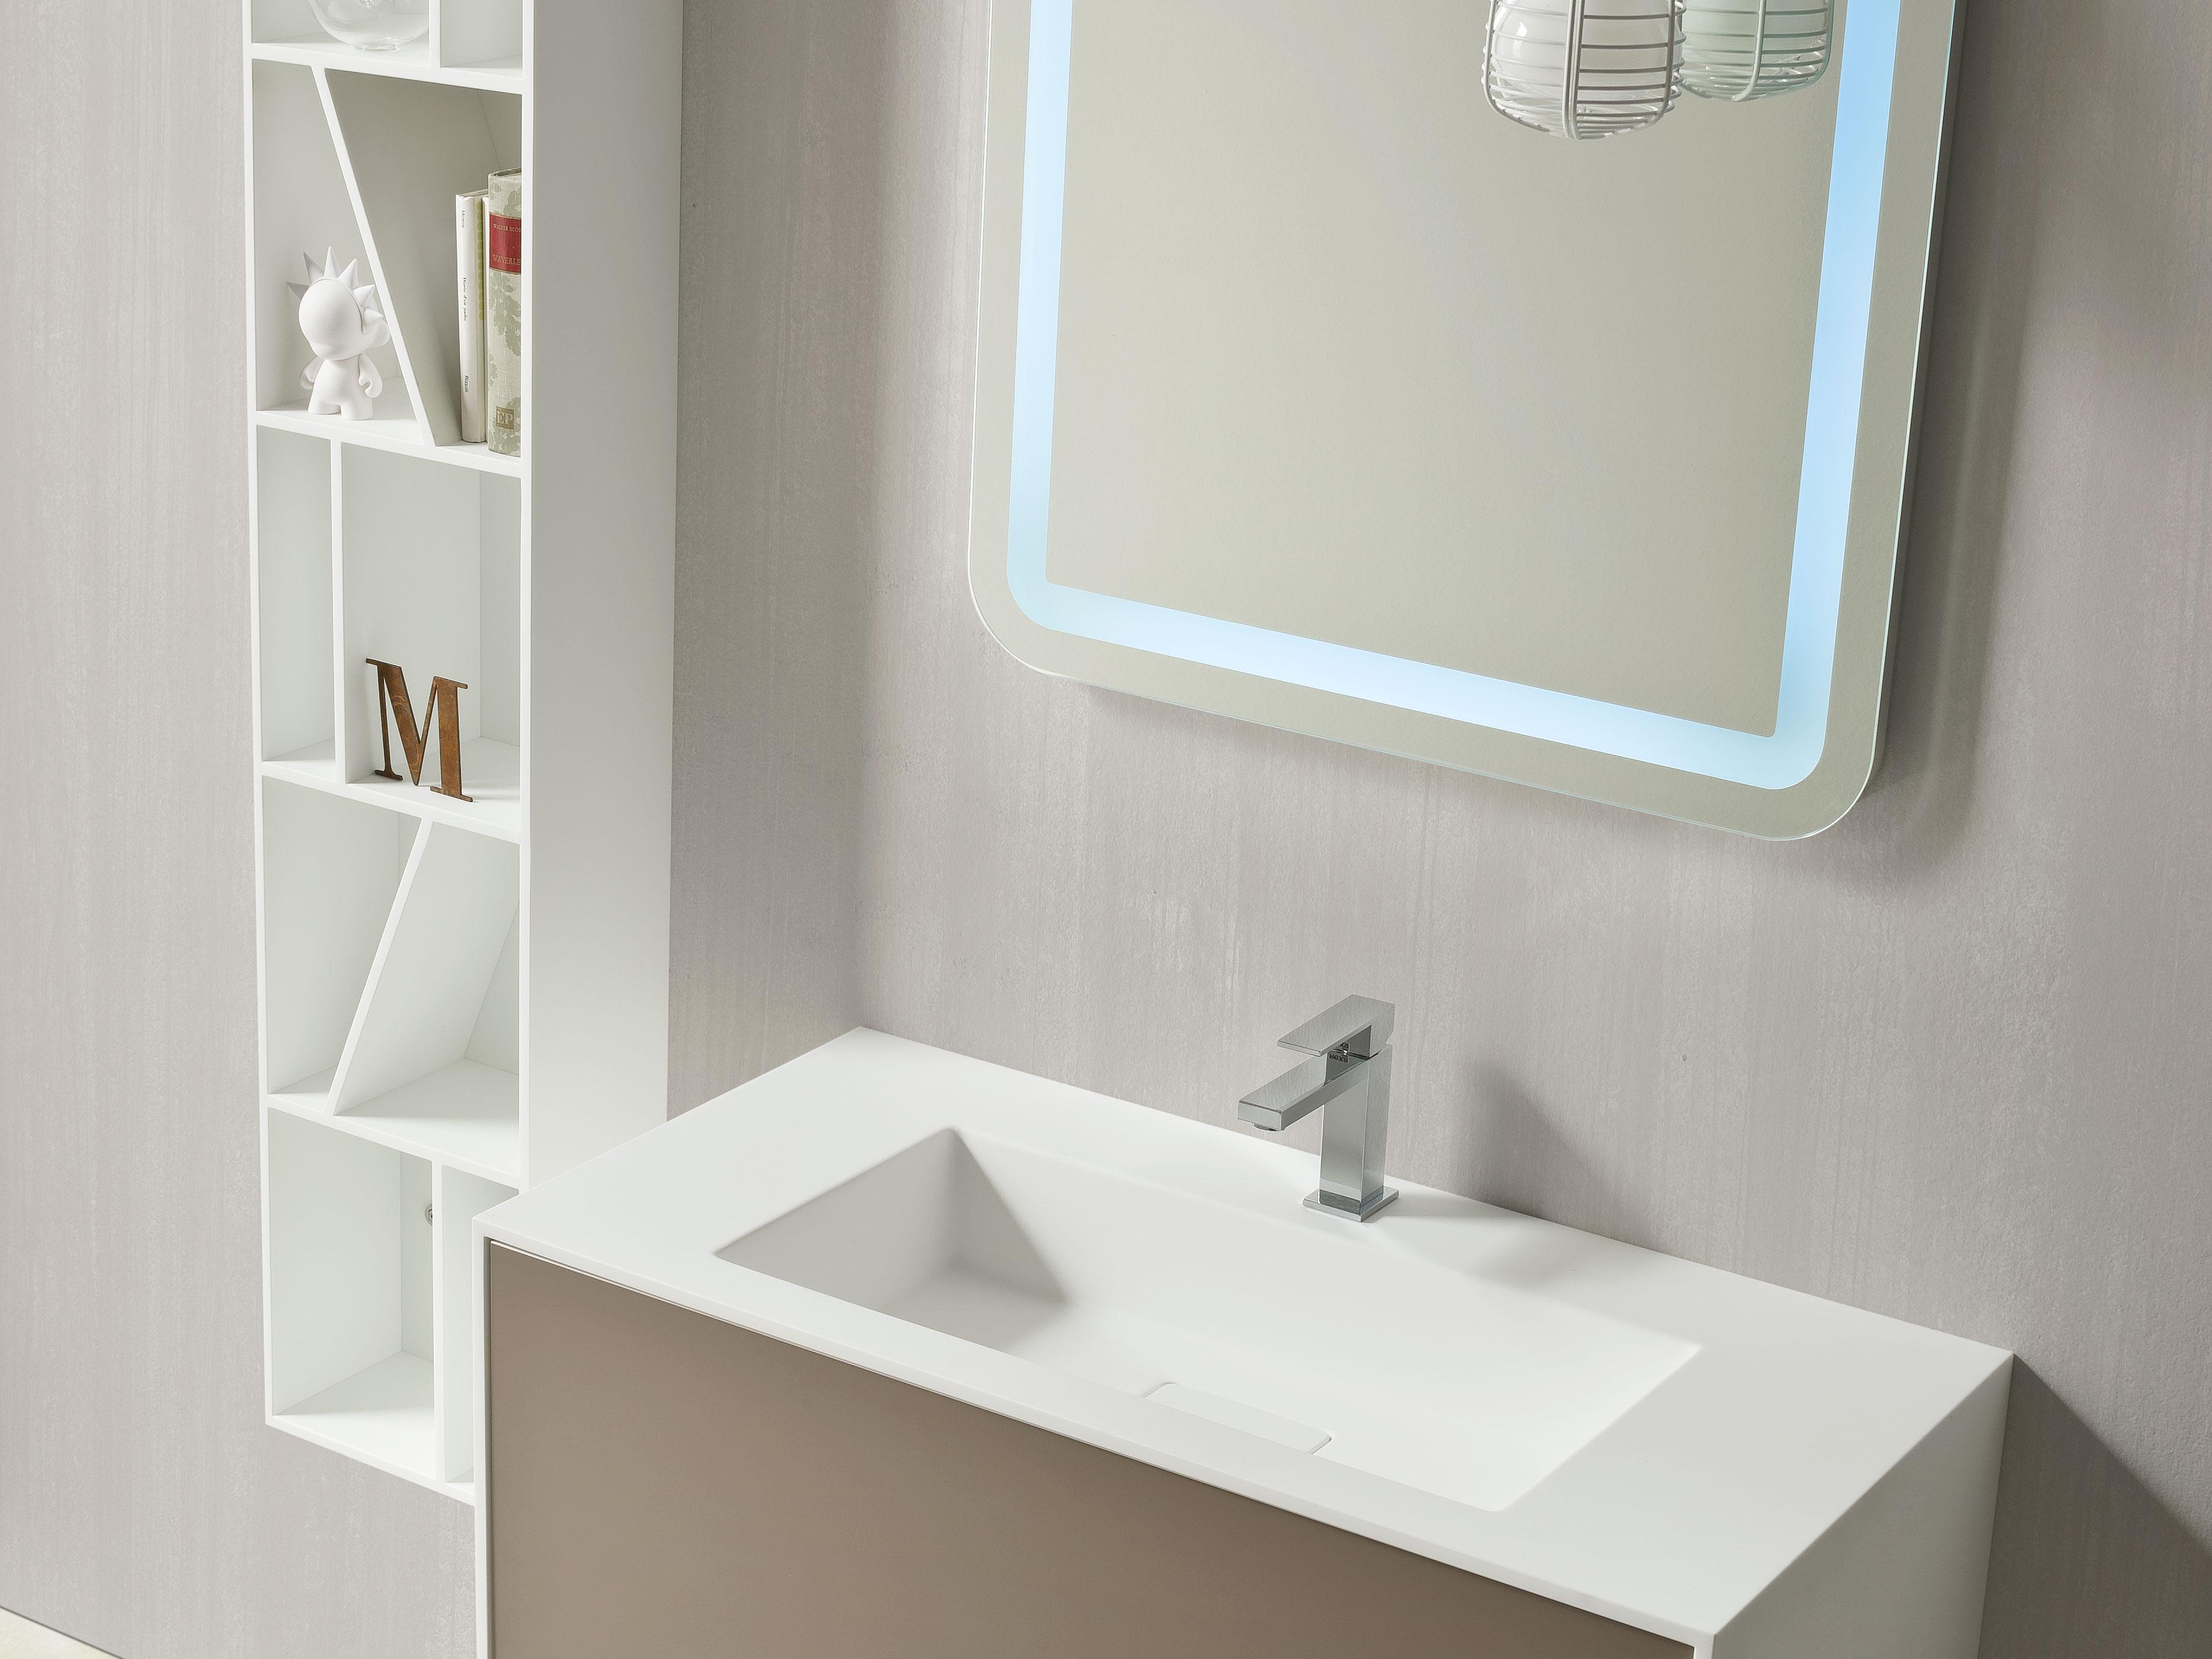 Arredo bagno bolzano affordable bagno arredo bolzano servizi bagno design servizio baia bagno - Arredo bagno trento ...